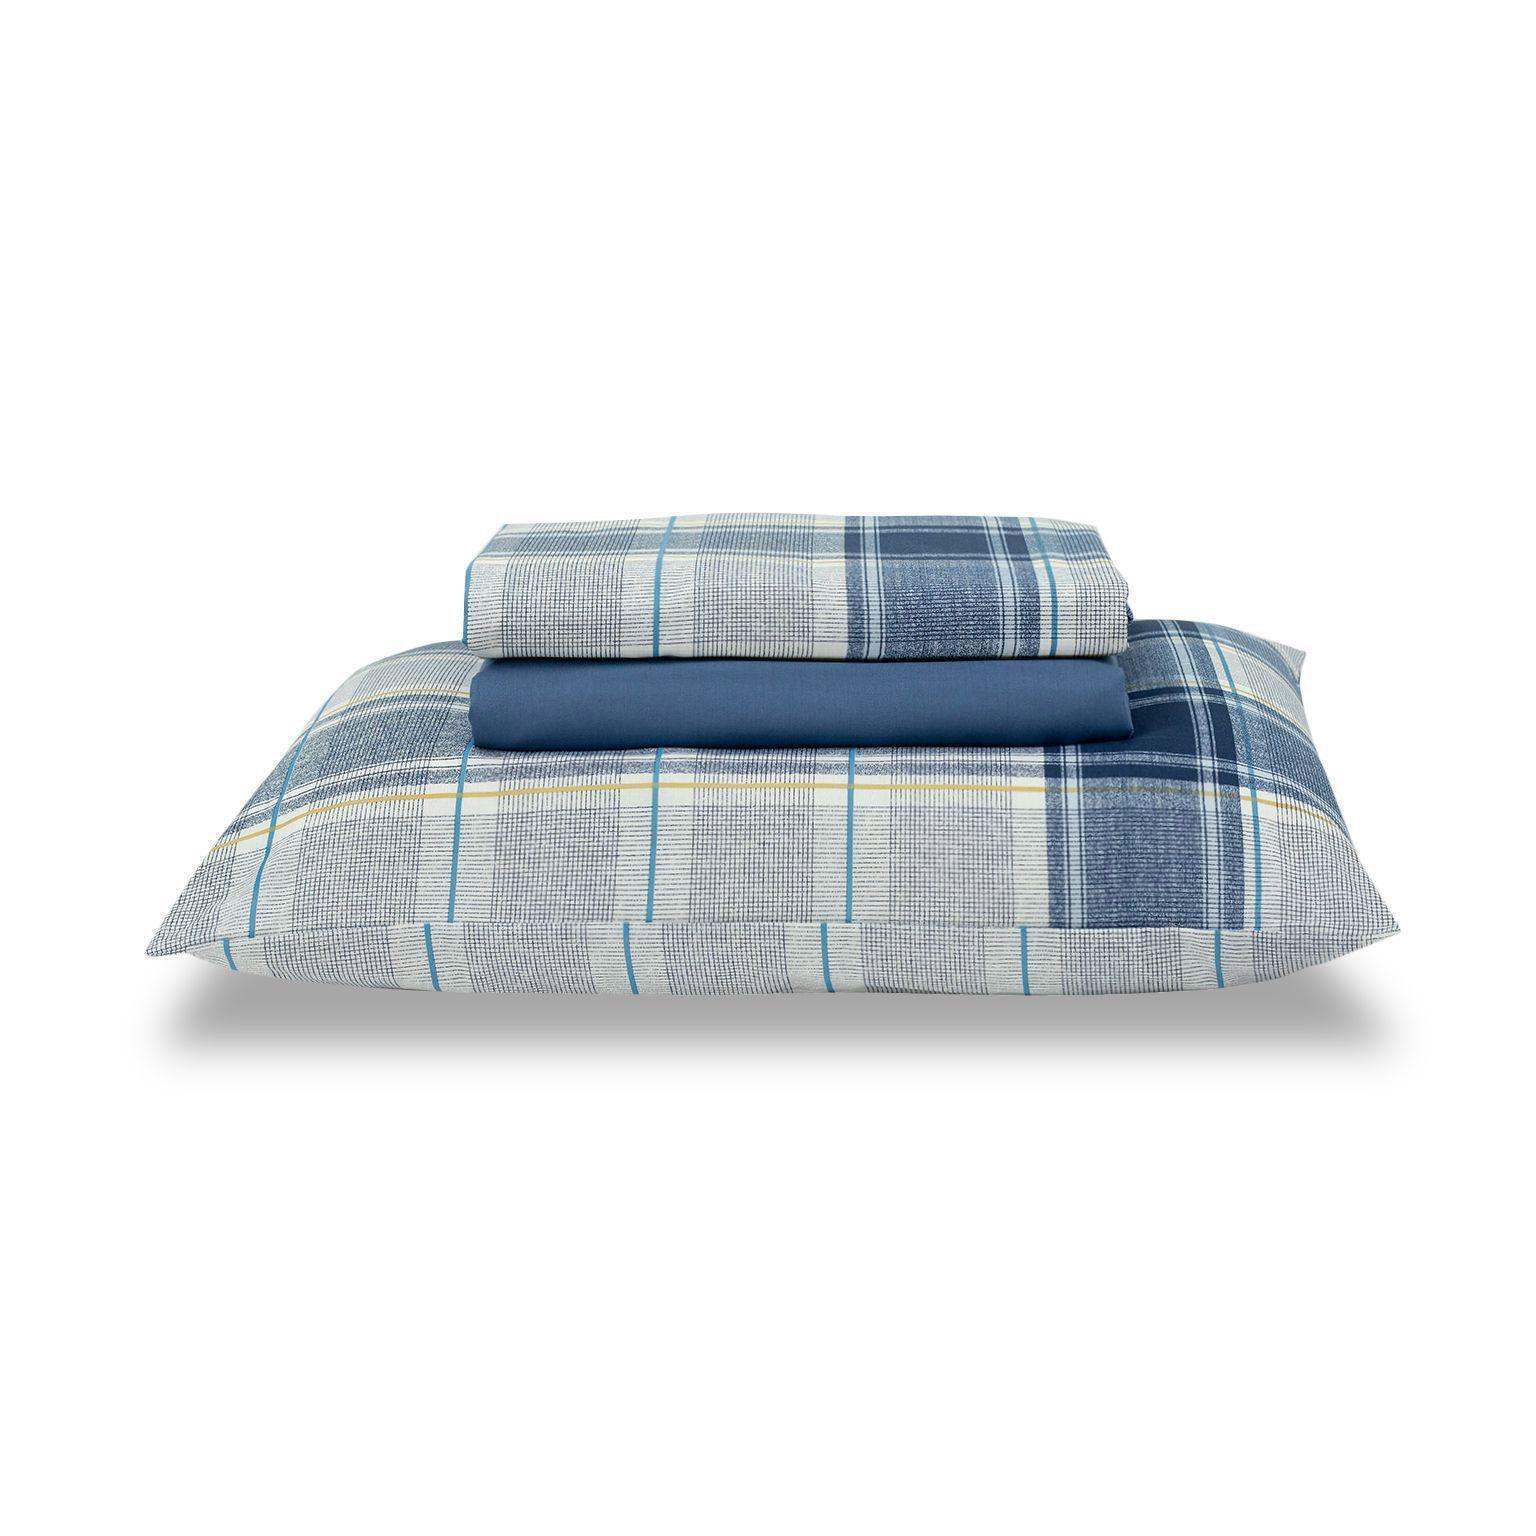 Jogo de cama solteiro Royal Matias 1 100% algodão estampado Xadrez - Santista